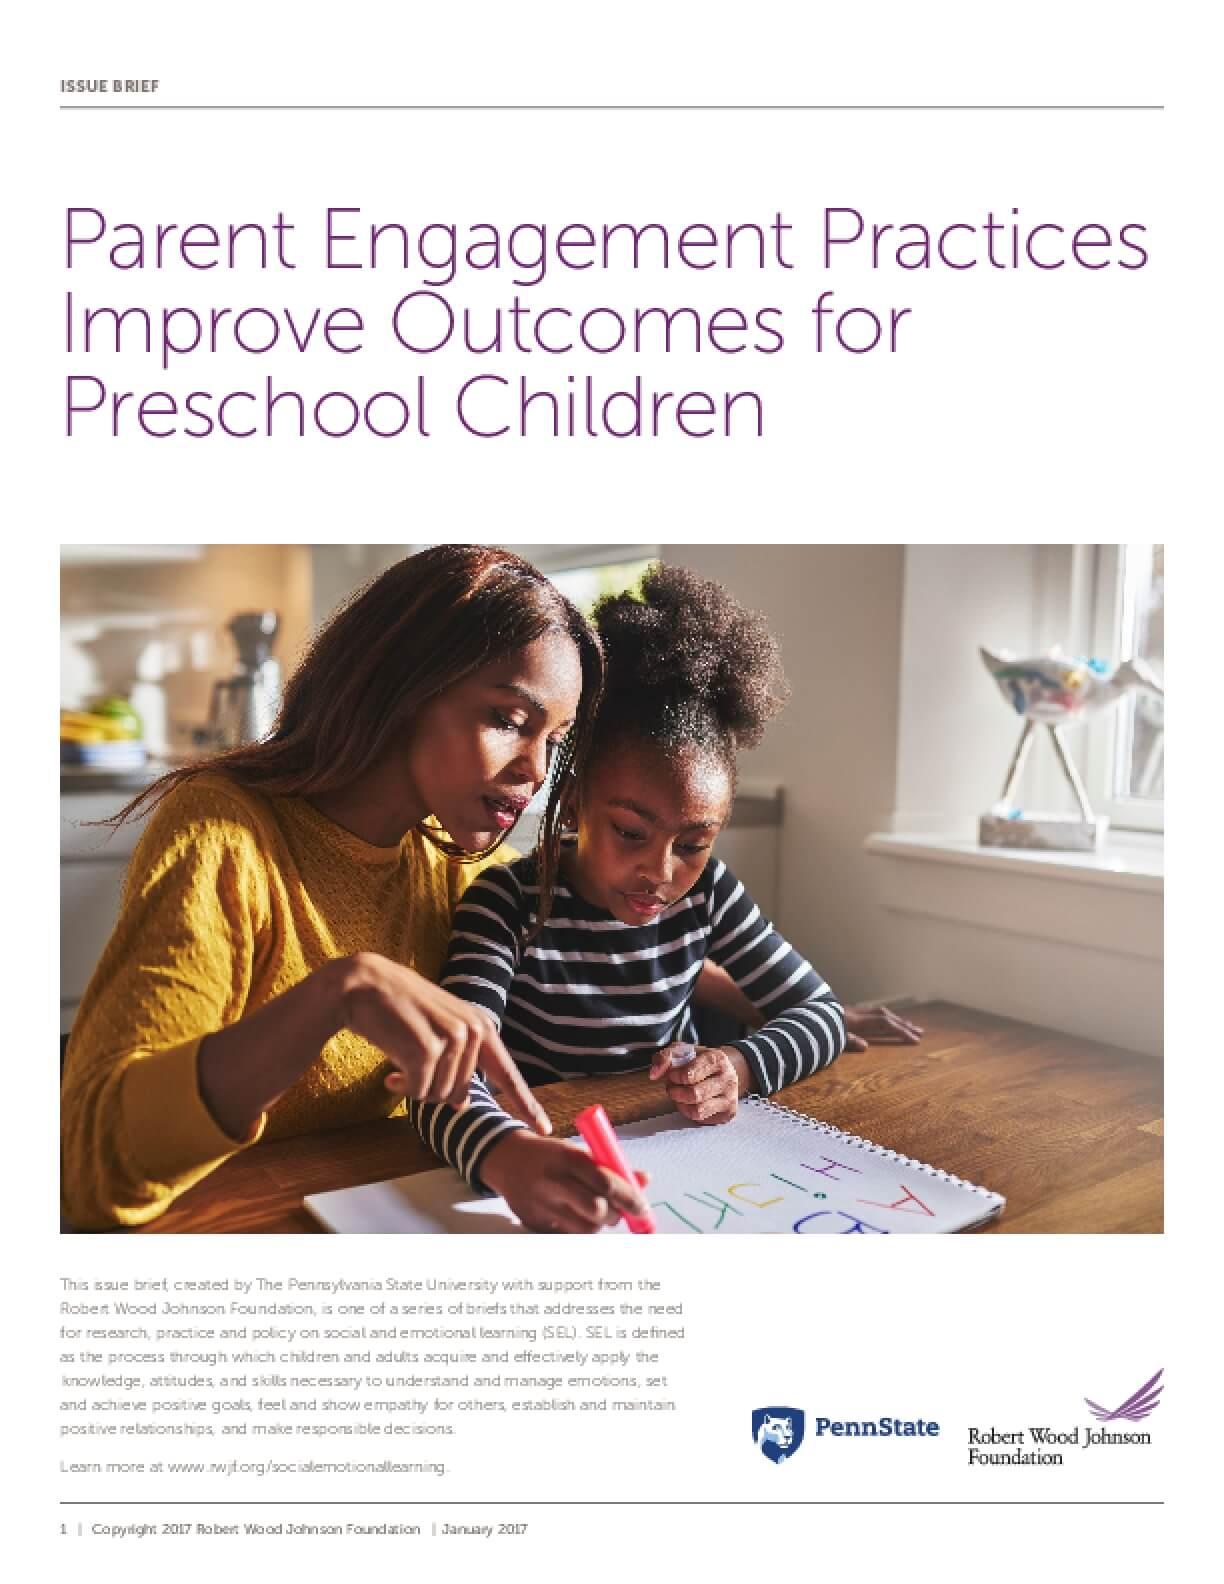 Parent Engagement Practices Improve Outcomes for Preschool Children